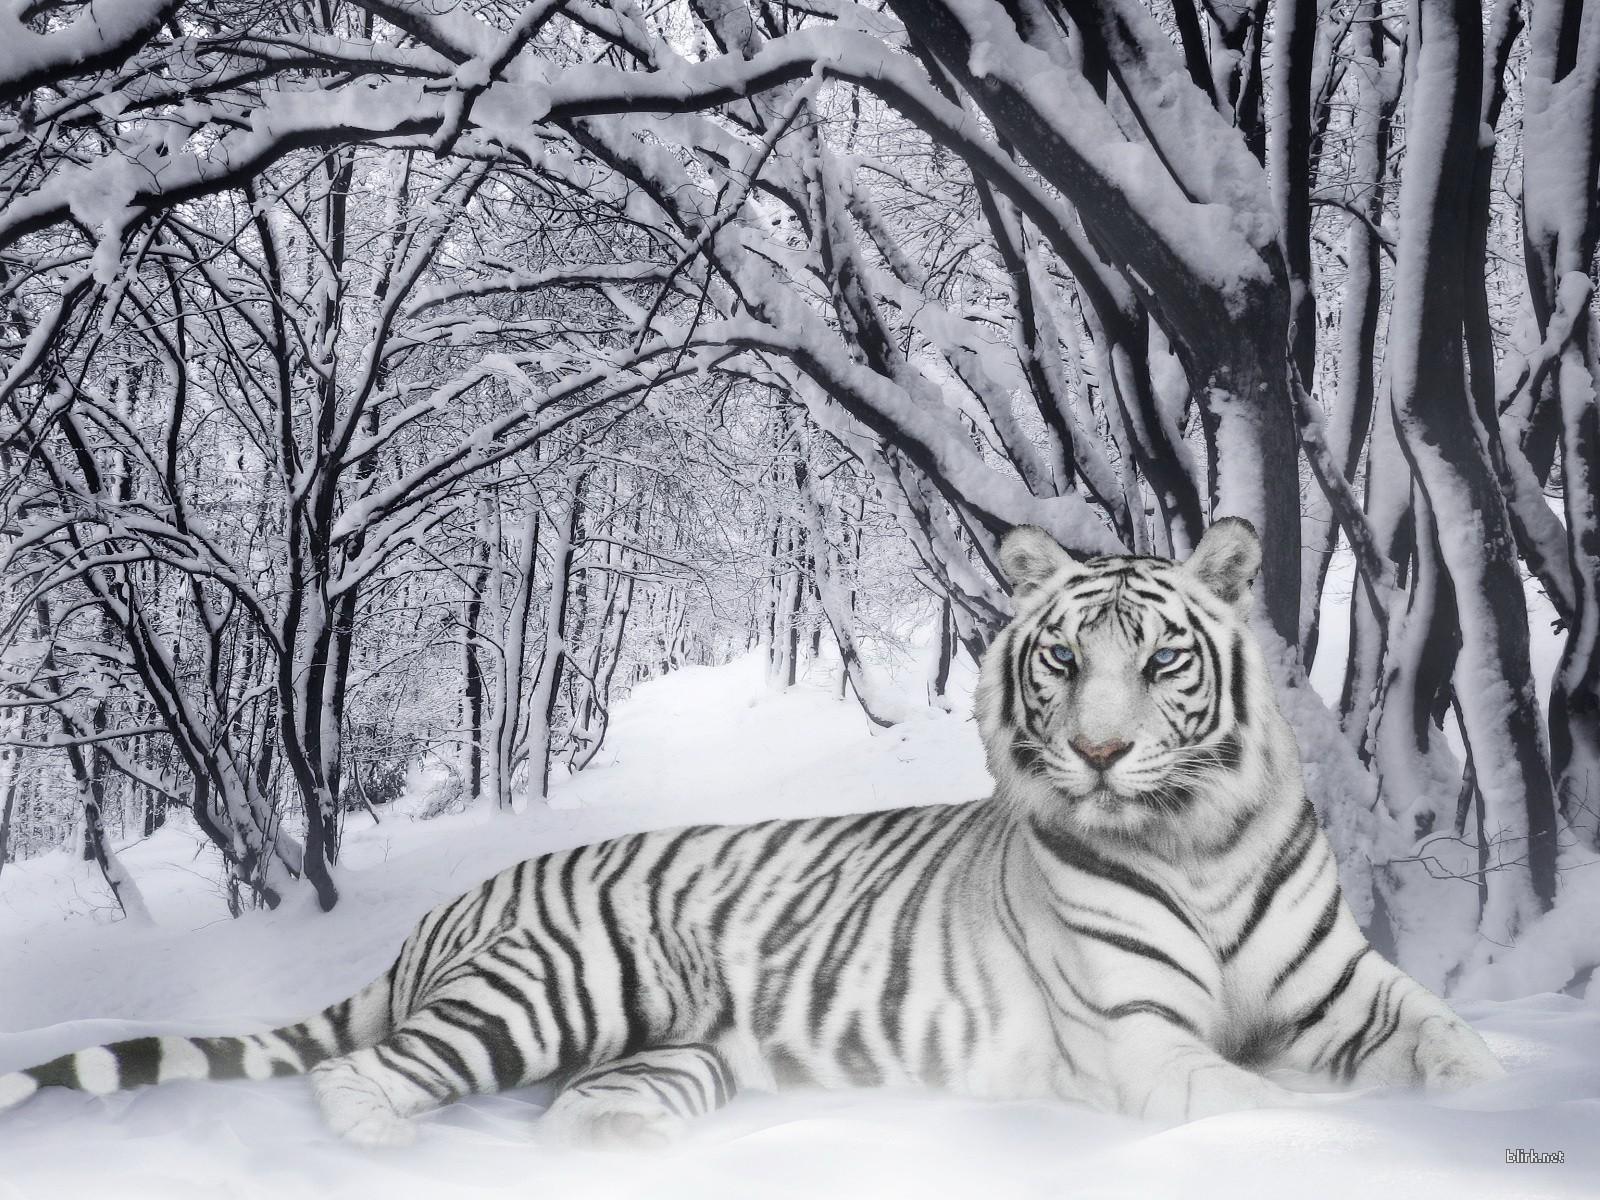 عکس حیوانات وحشی در حال شکار